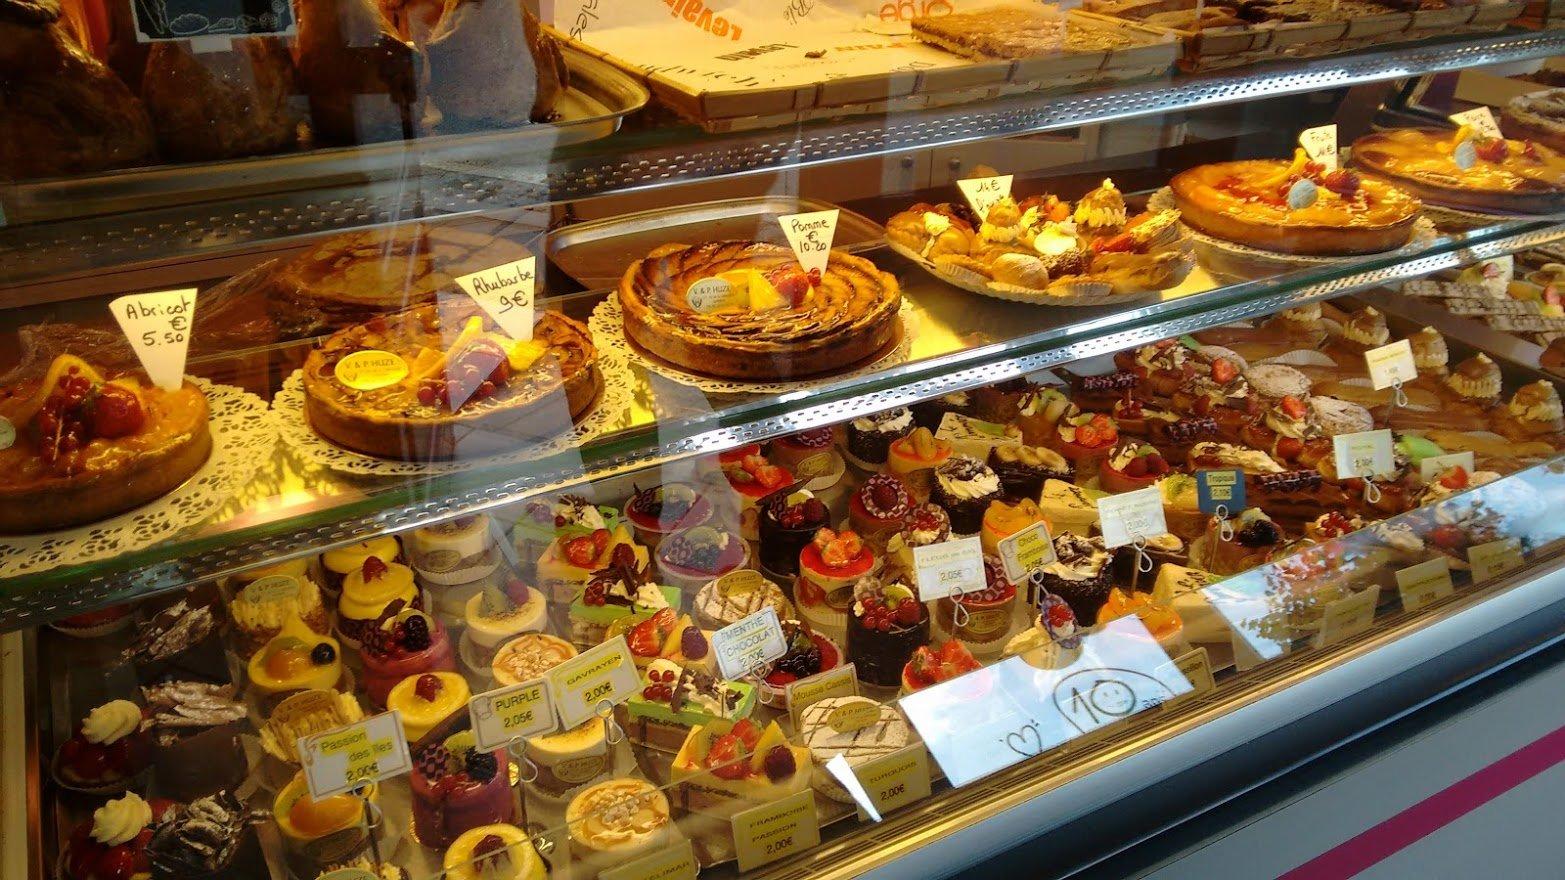 Gavray boulangerie